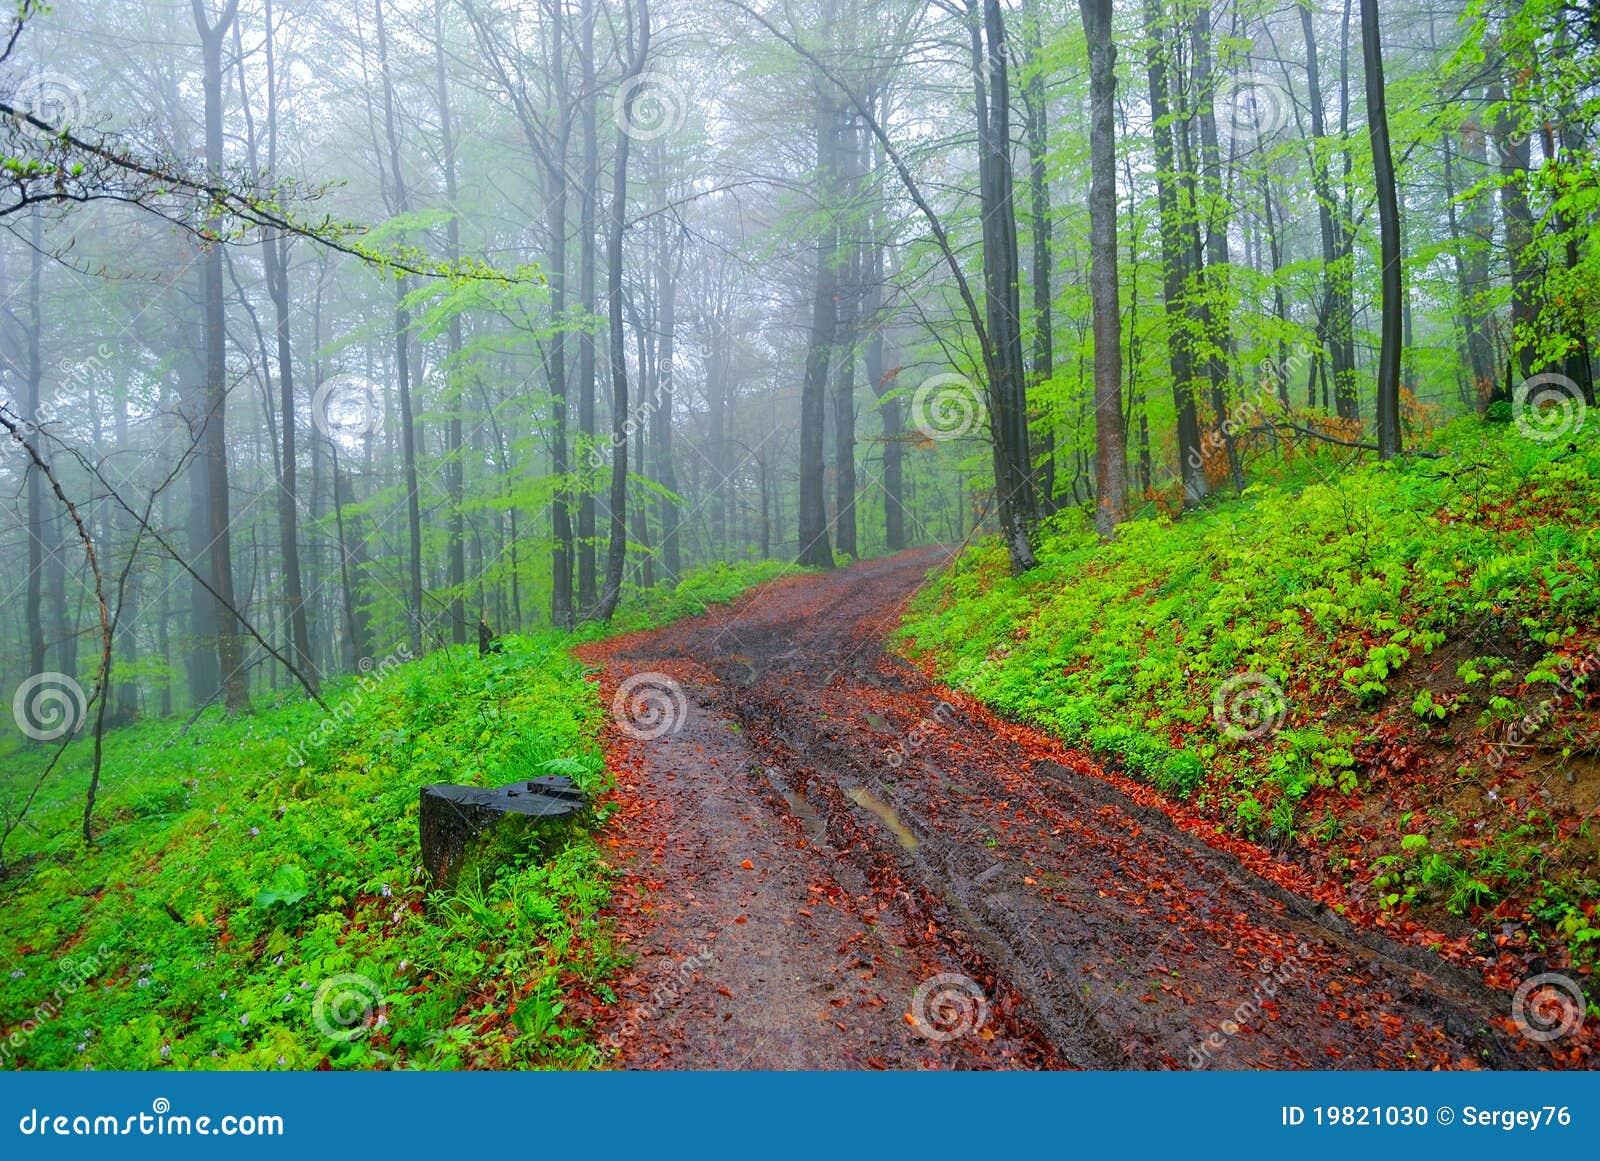 Brud droga mgłowa lasowa